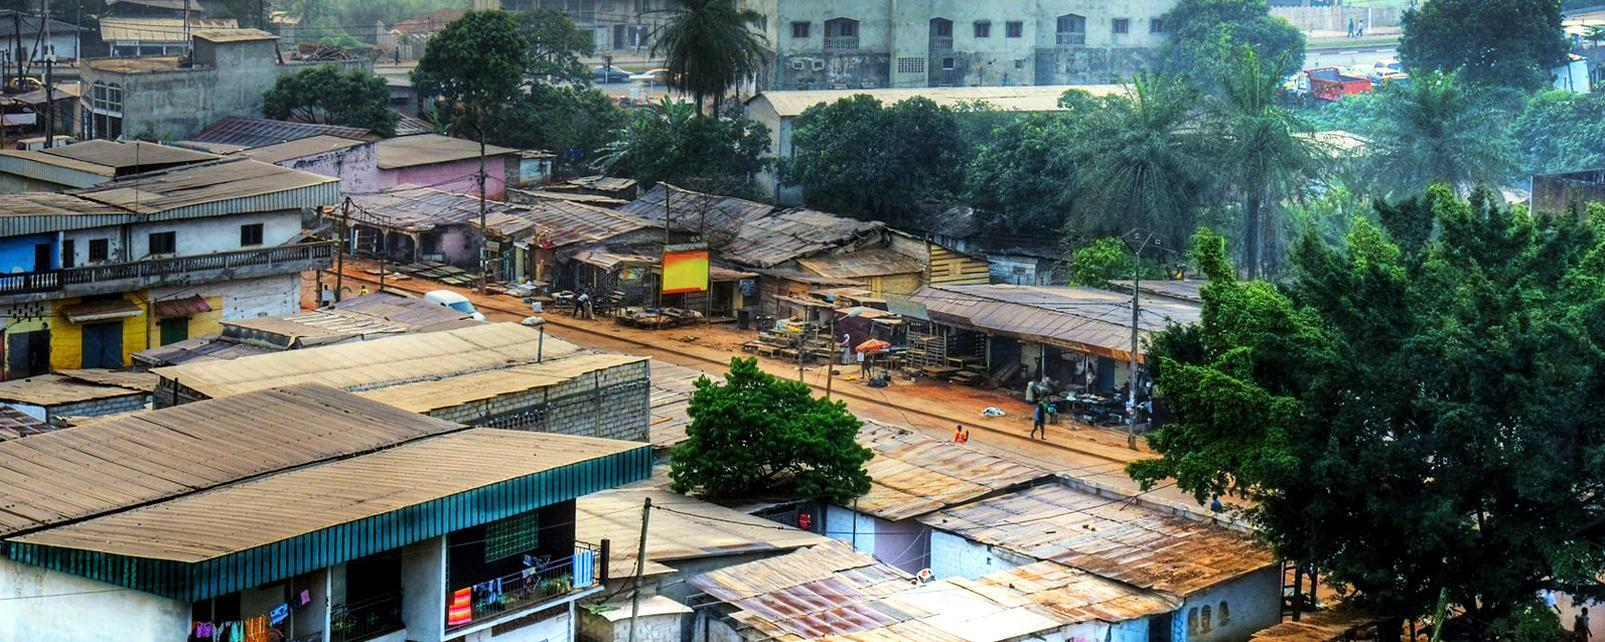 Afrique; Cameroun; Yaoundé; ville; bâtiment; bidonville; arbre;